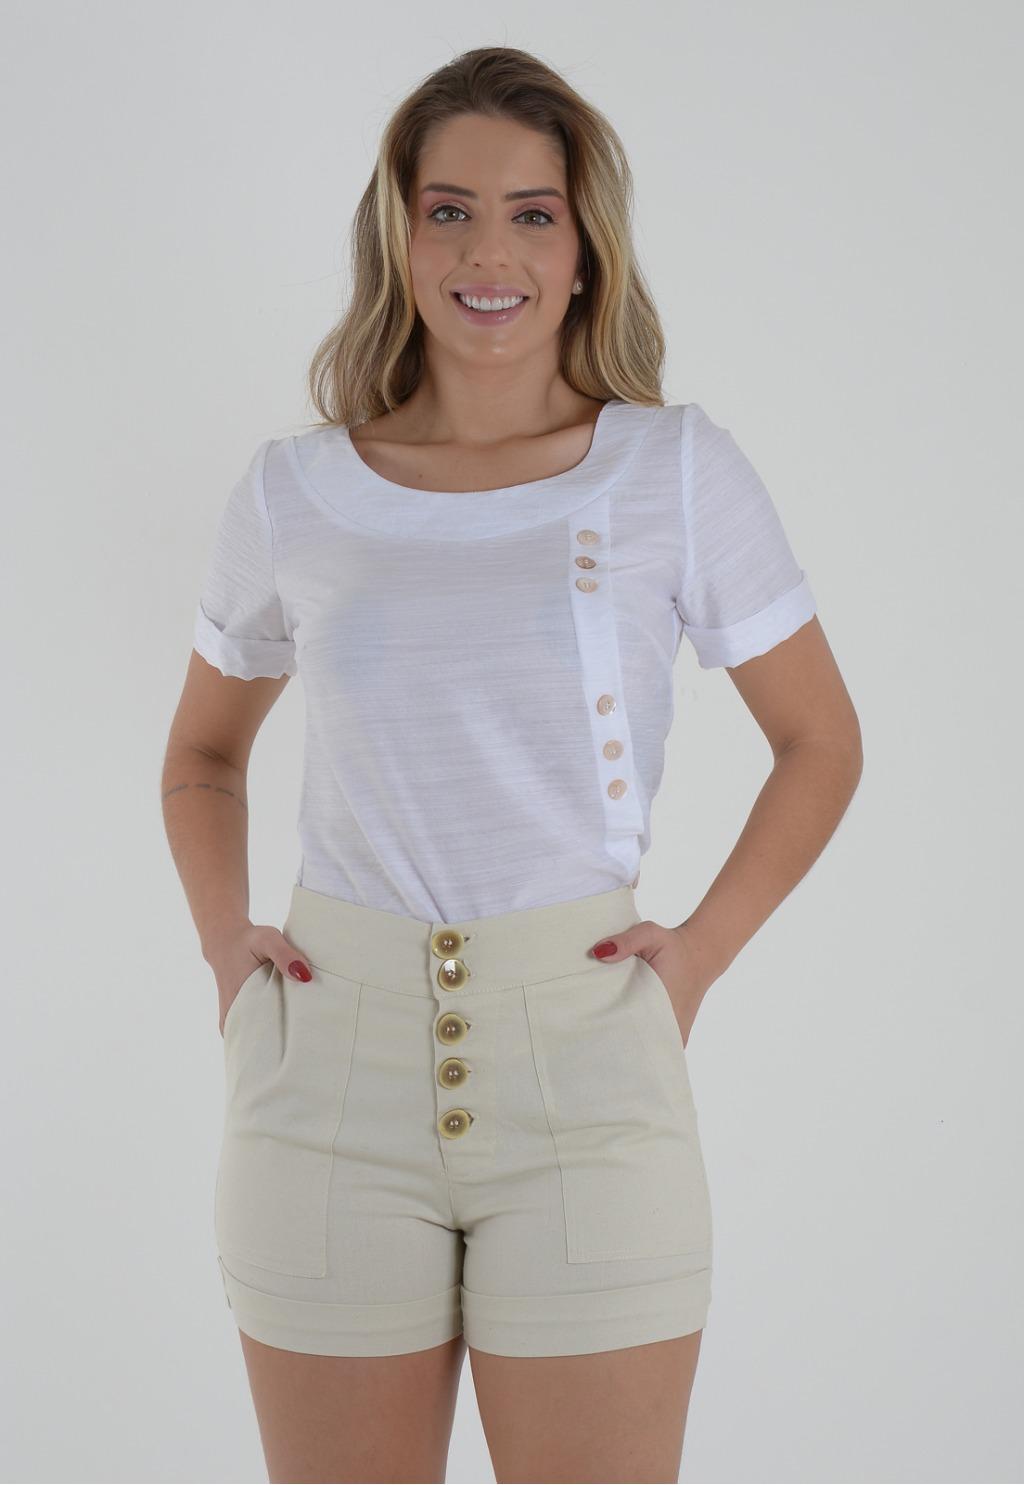 Blusa Mamorena básica com botões